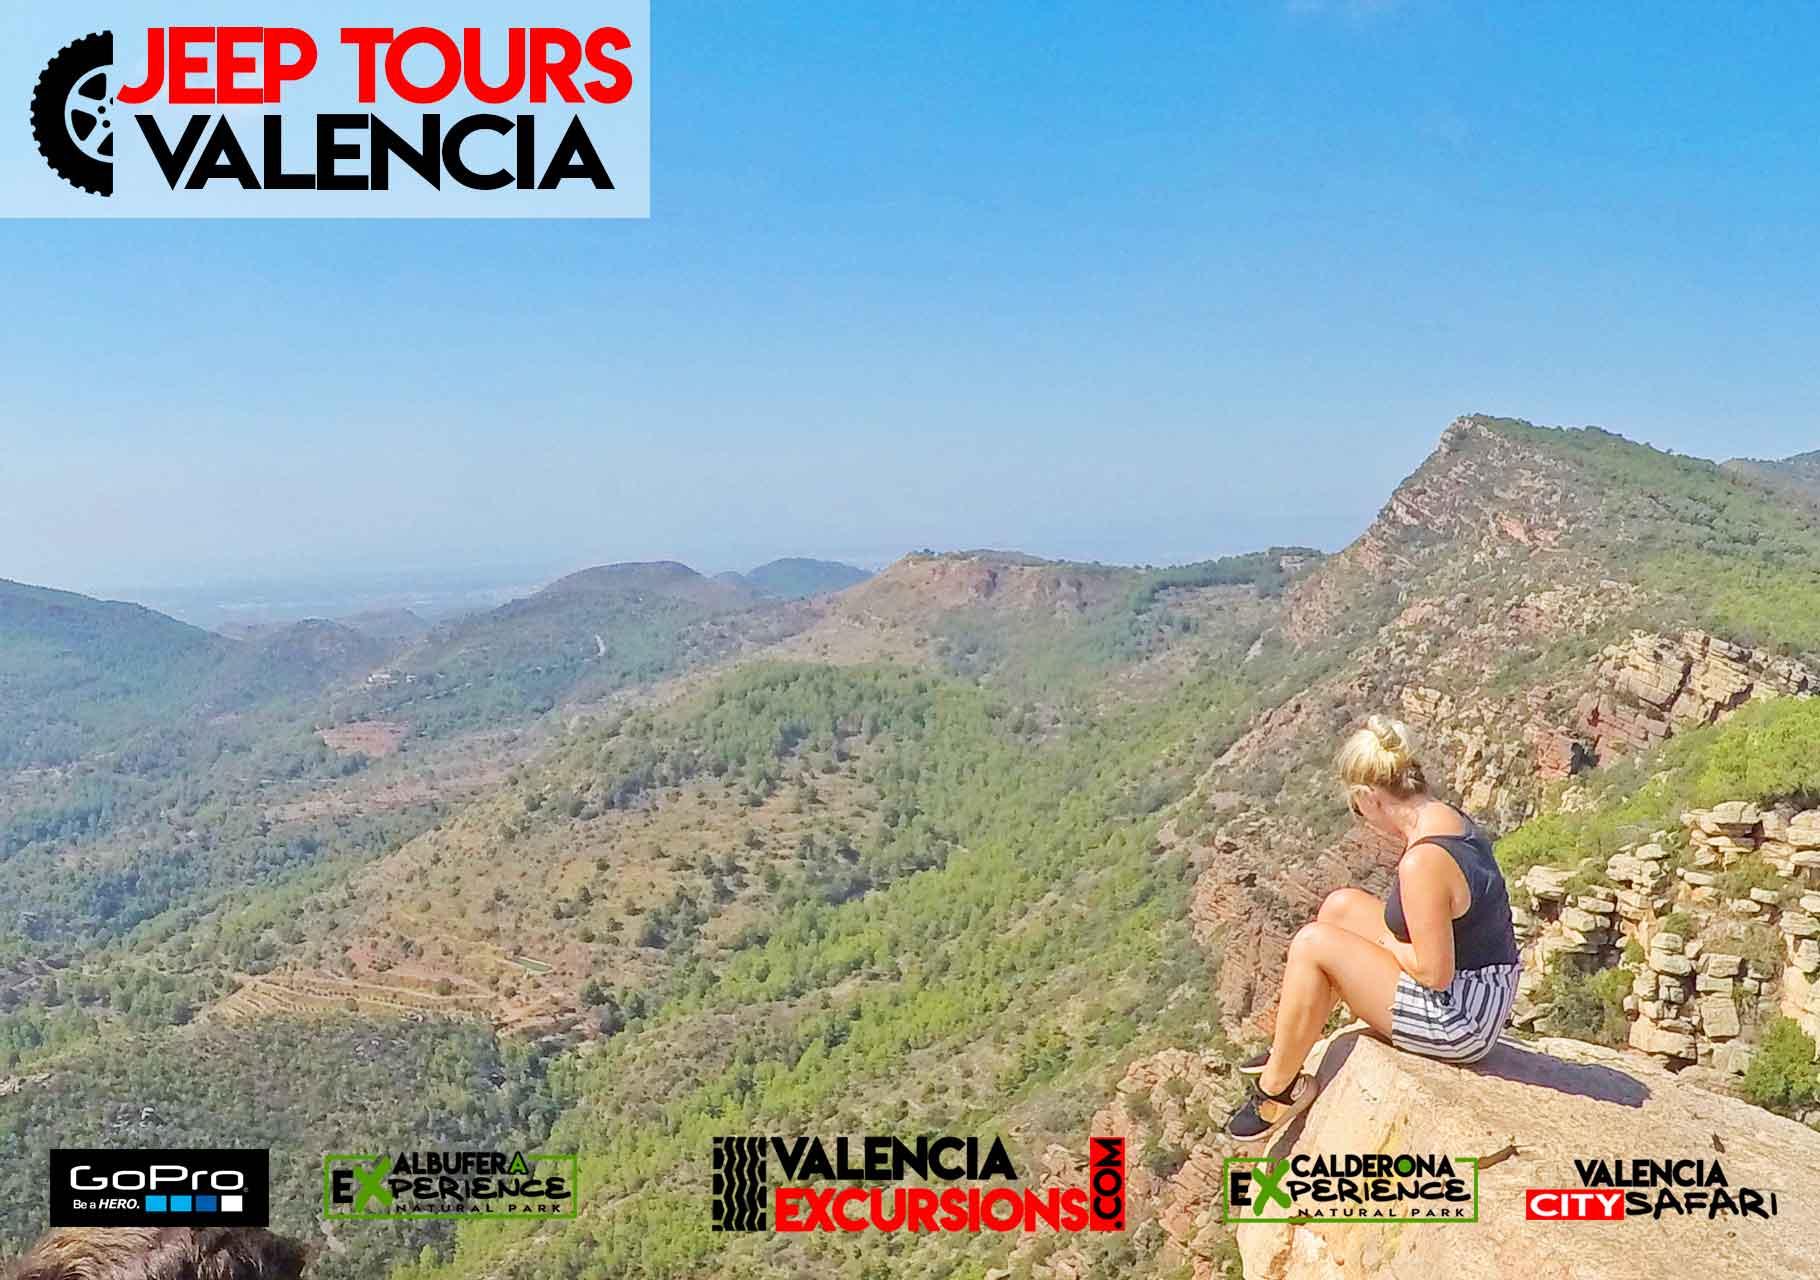 Halbtages Tour Valencia  in den Bergen